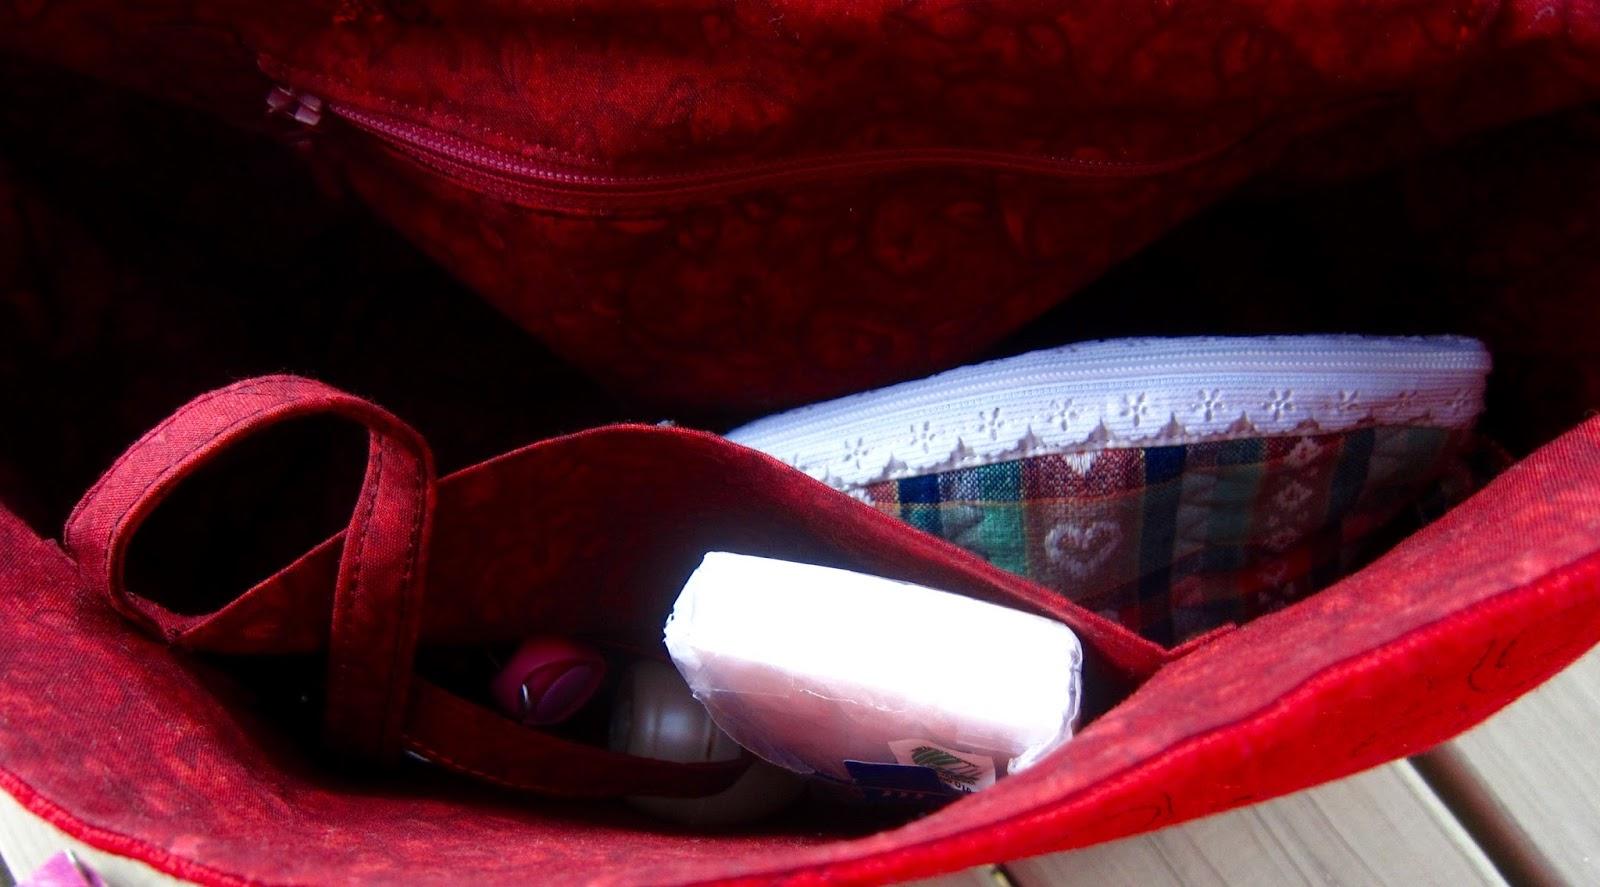 Punainen Chanel Laukku : Tilkkureppu punainen laukku ja duudsonit